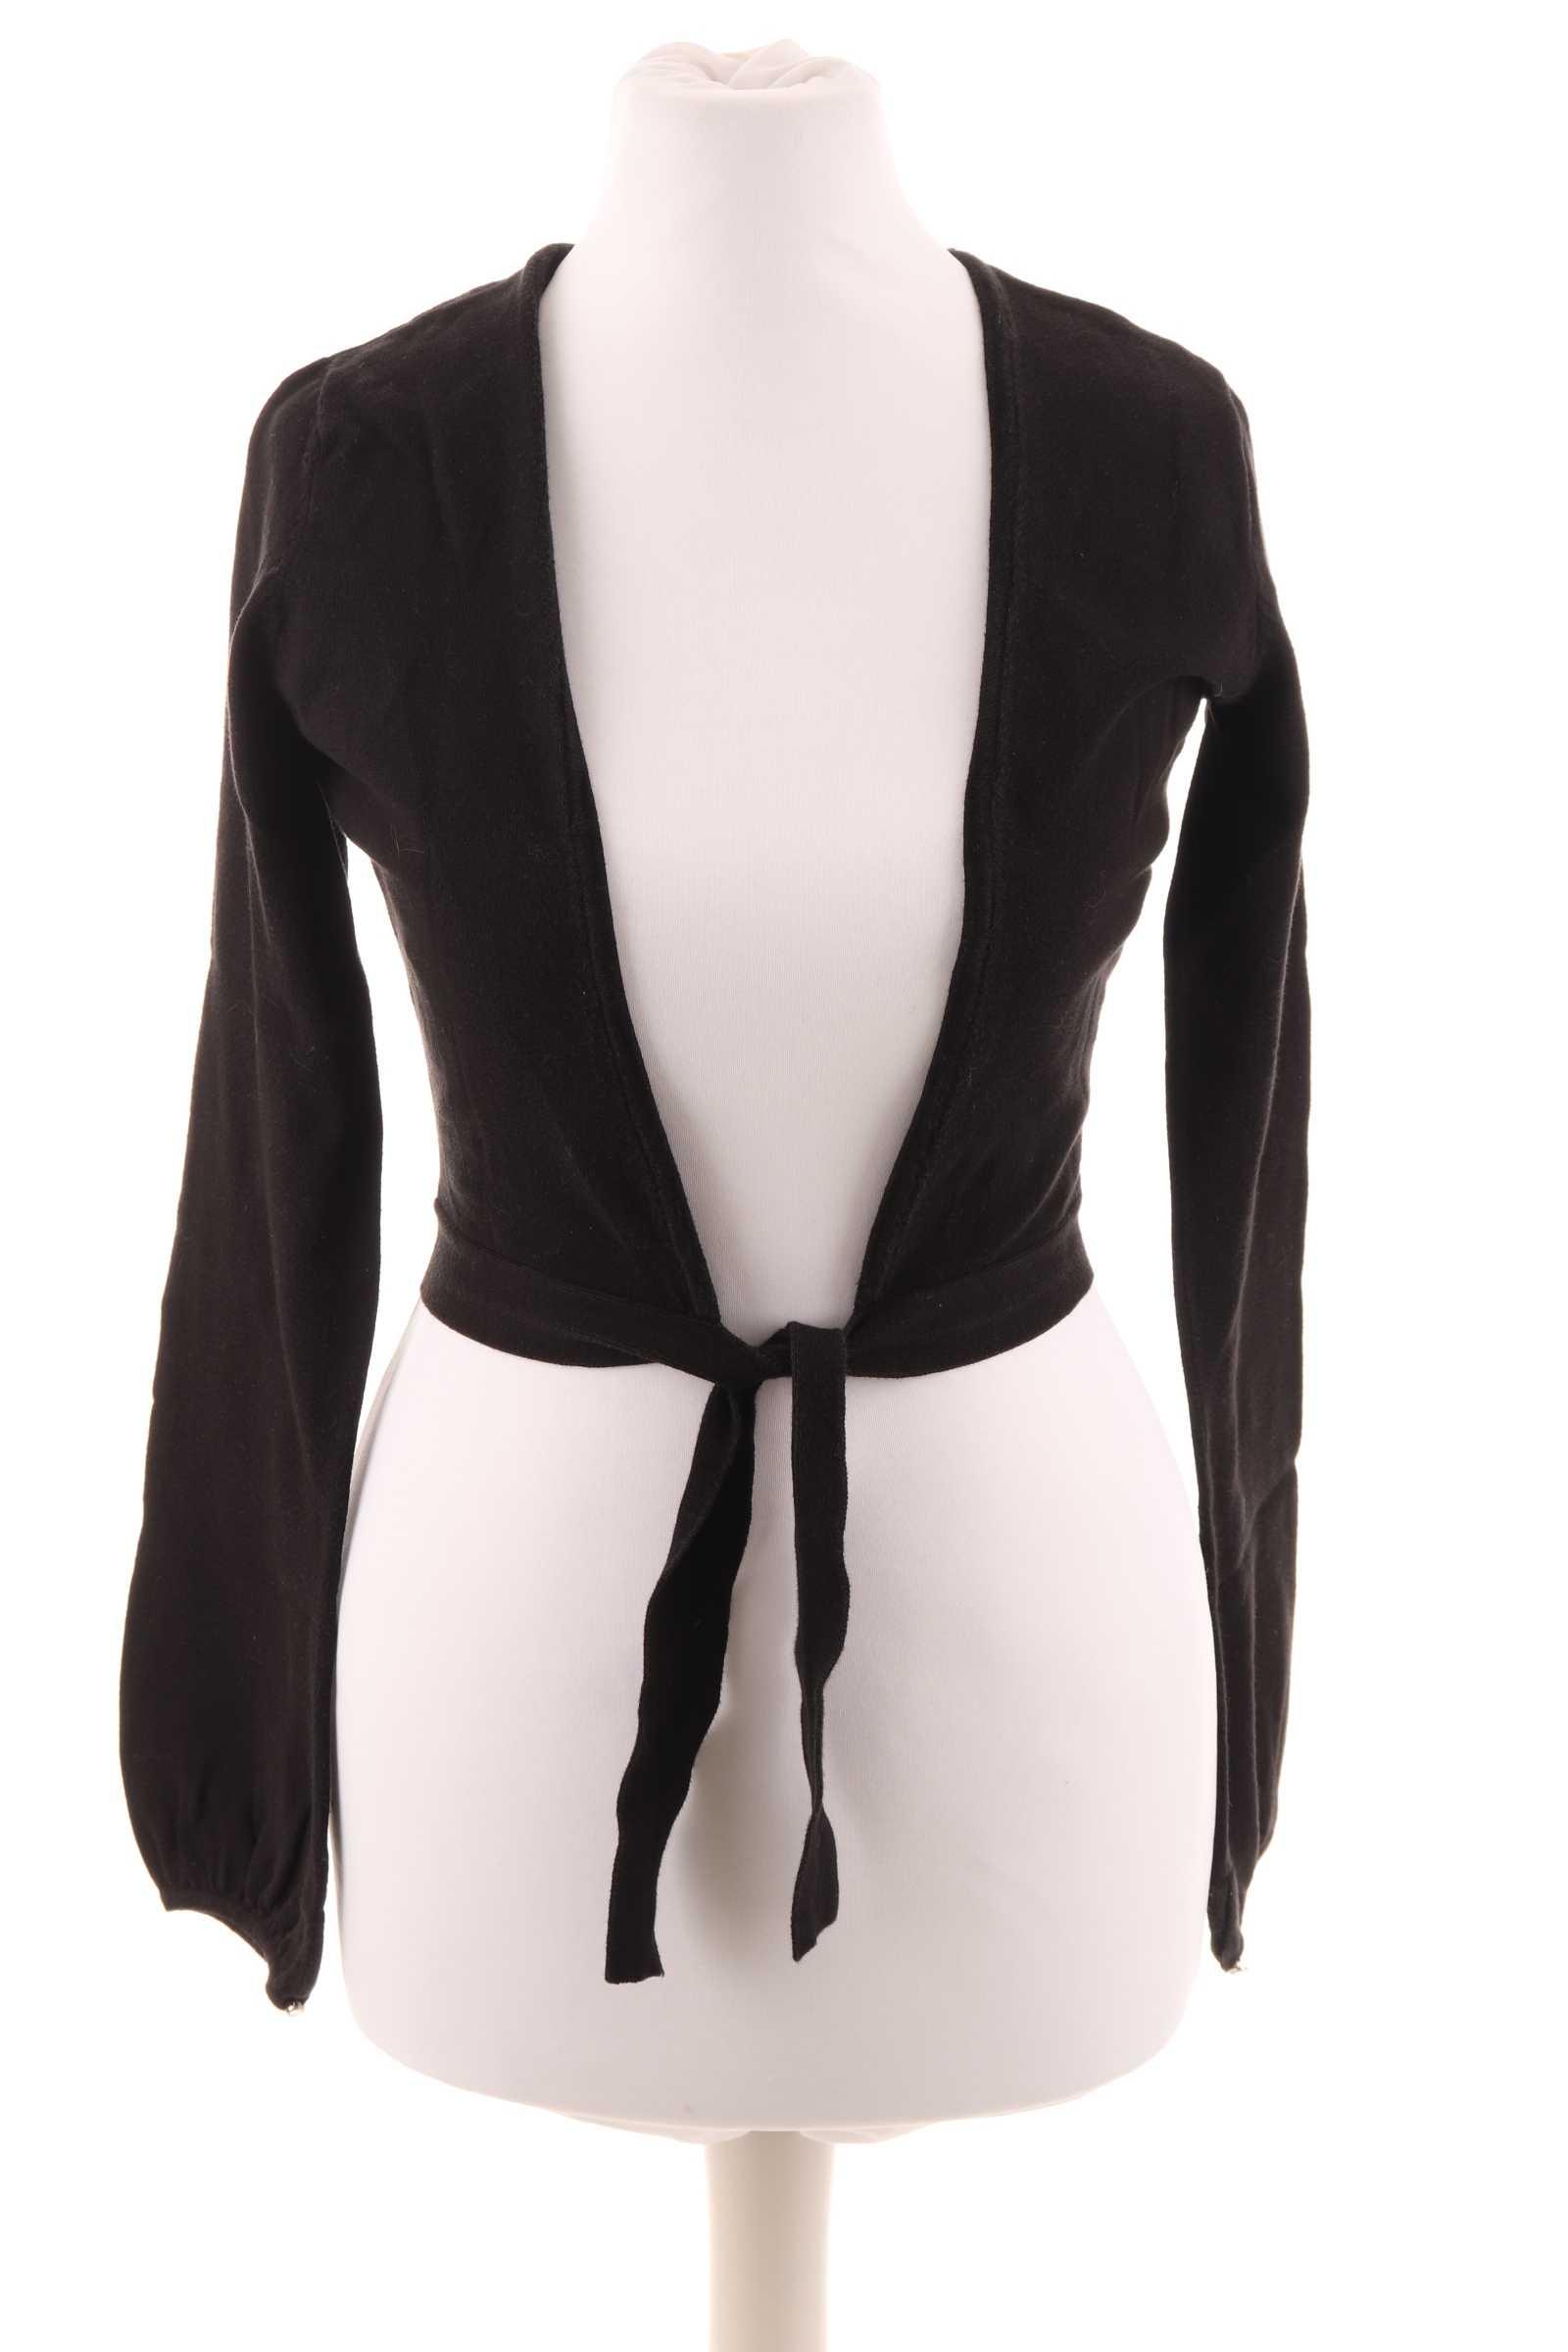 buy online 9a615 82466 Bolero-Jacke